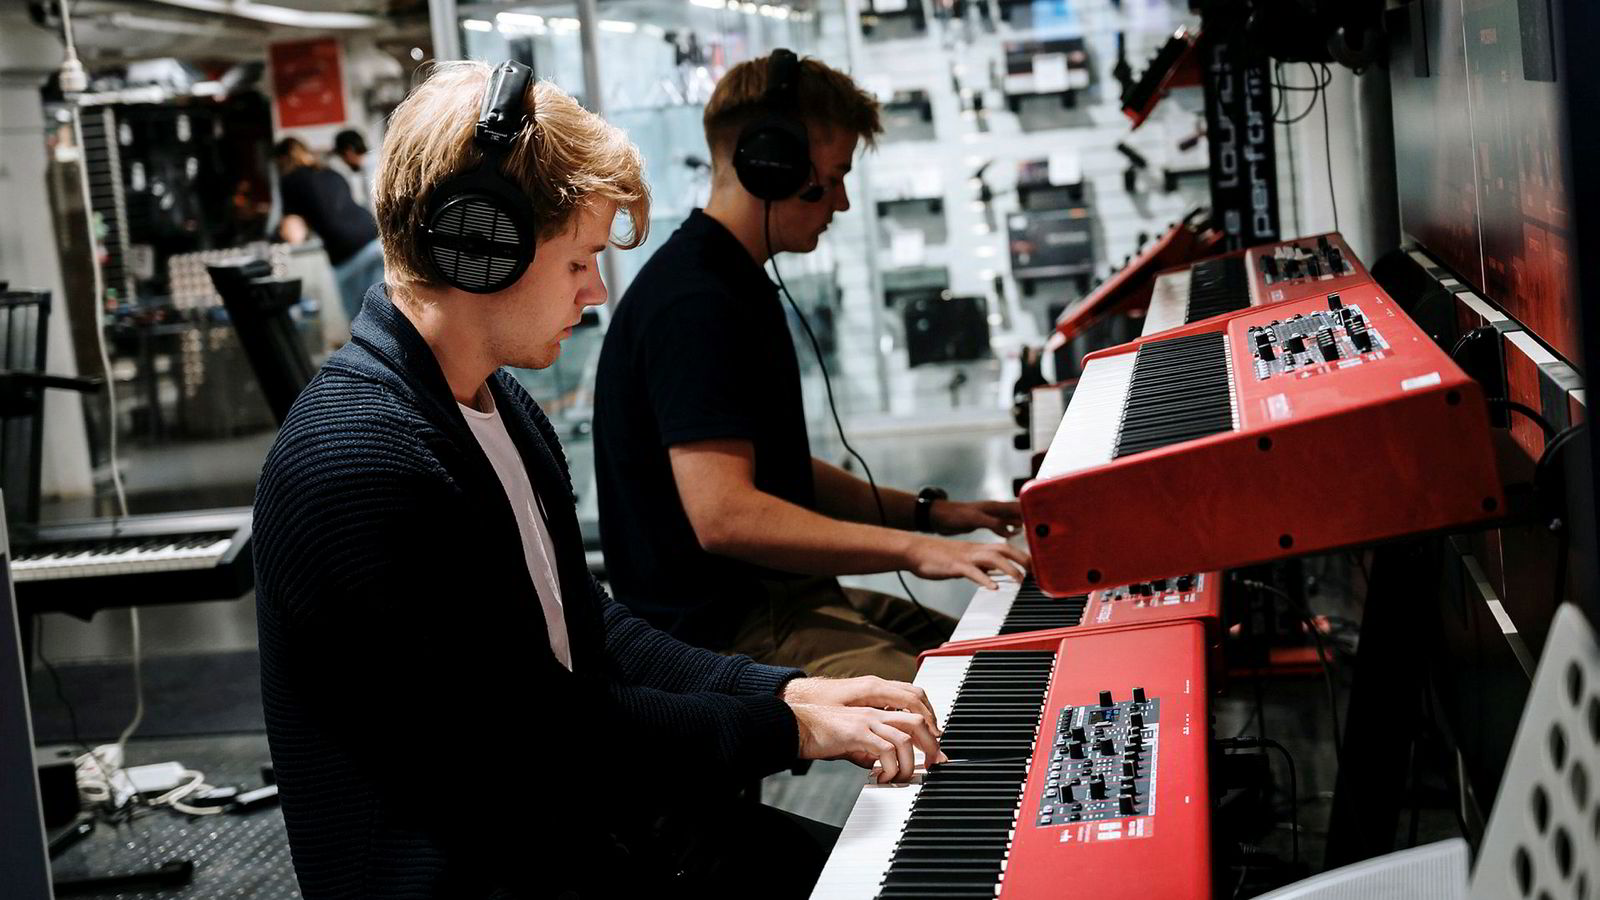 Fra venstre: Andreas Dahl og Nikolai Dahl ser på keyboard i 4 Sound. Andreas Dahl skal flytte hjemmefra og trenger et instrument til kollektivet. 4 Sound har dårlig resultat og skylder på netthandel.